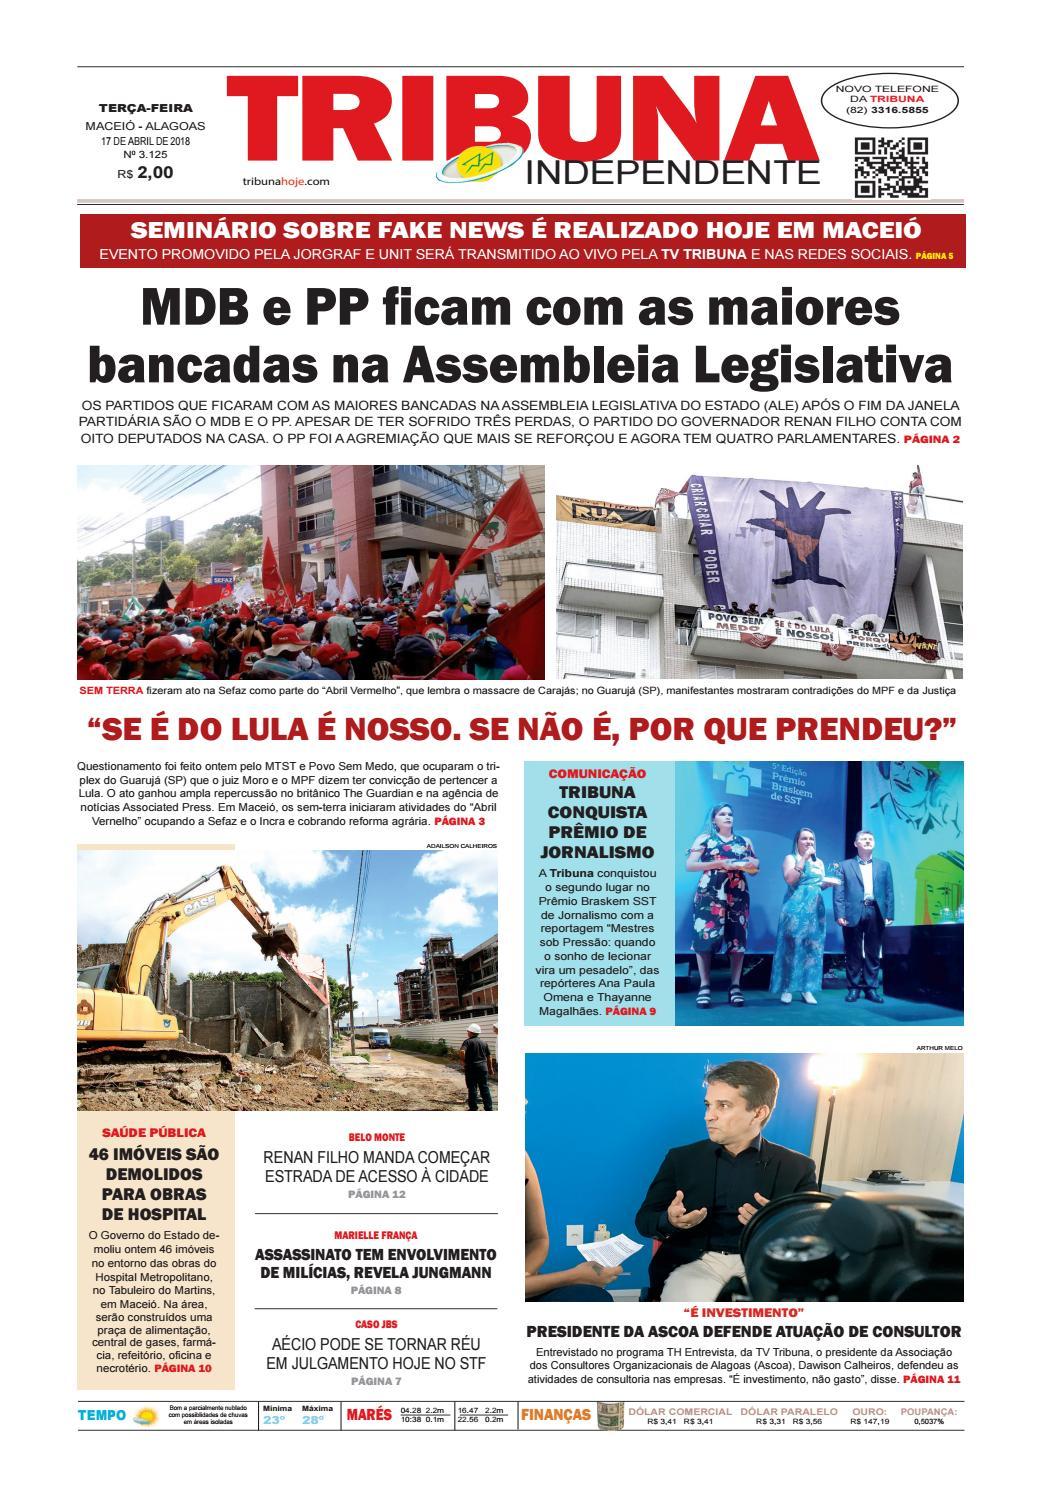 Edição número 3125 - 17 de abril de 2018 by Tribuna Hoje - issuu 4e9e9e0576d5b